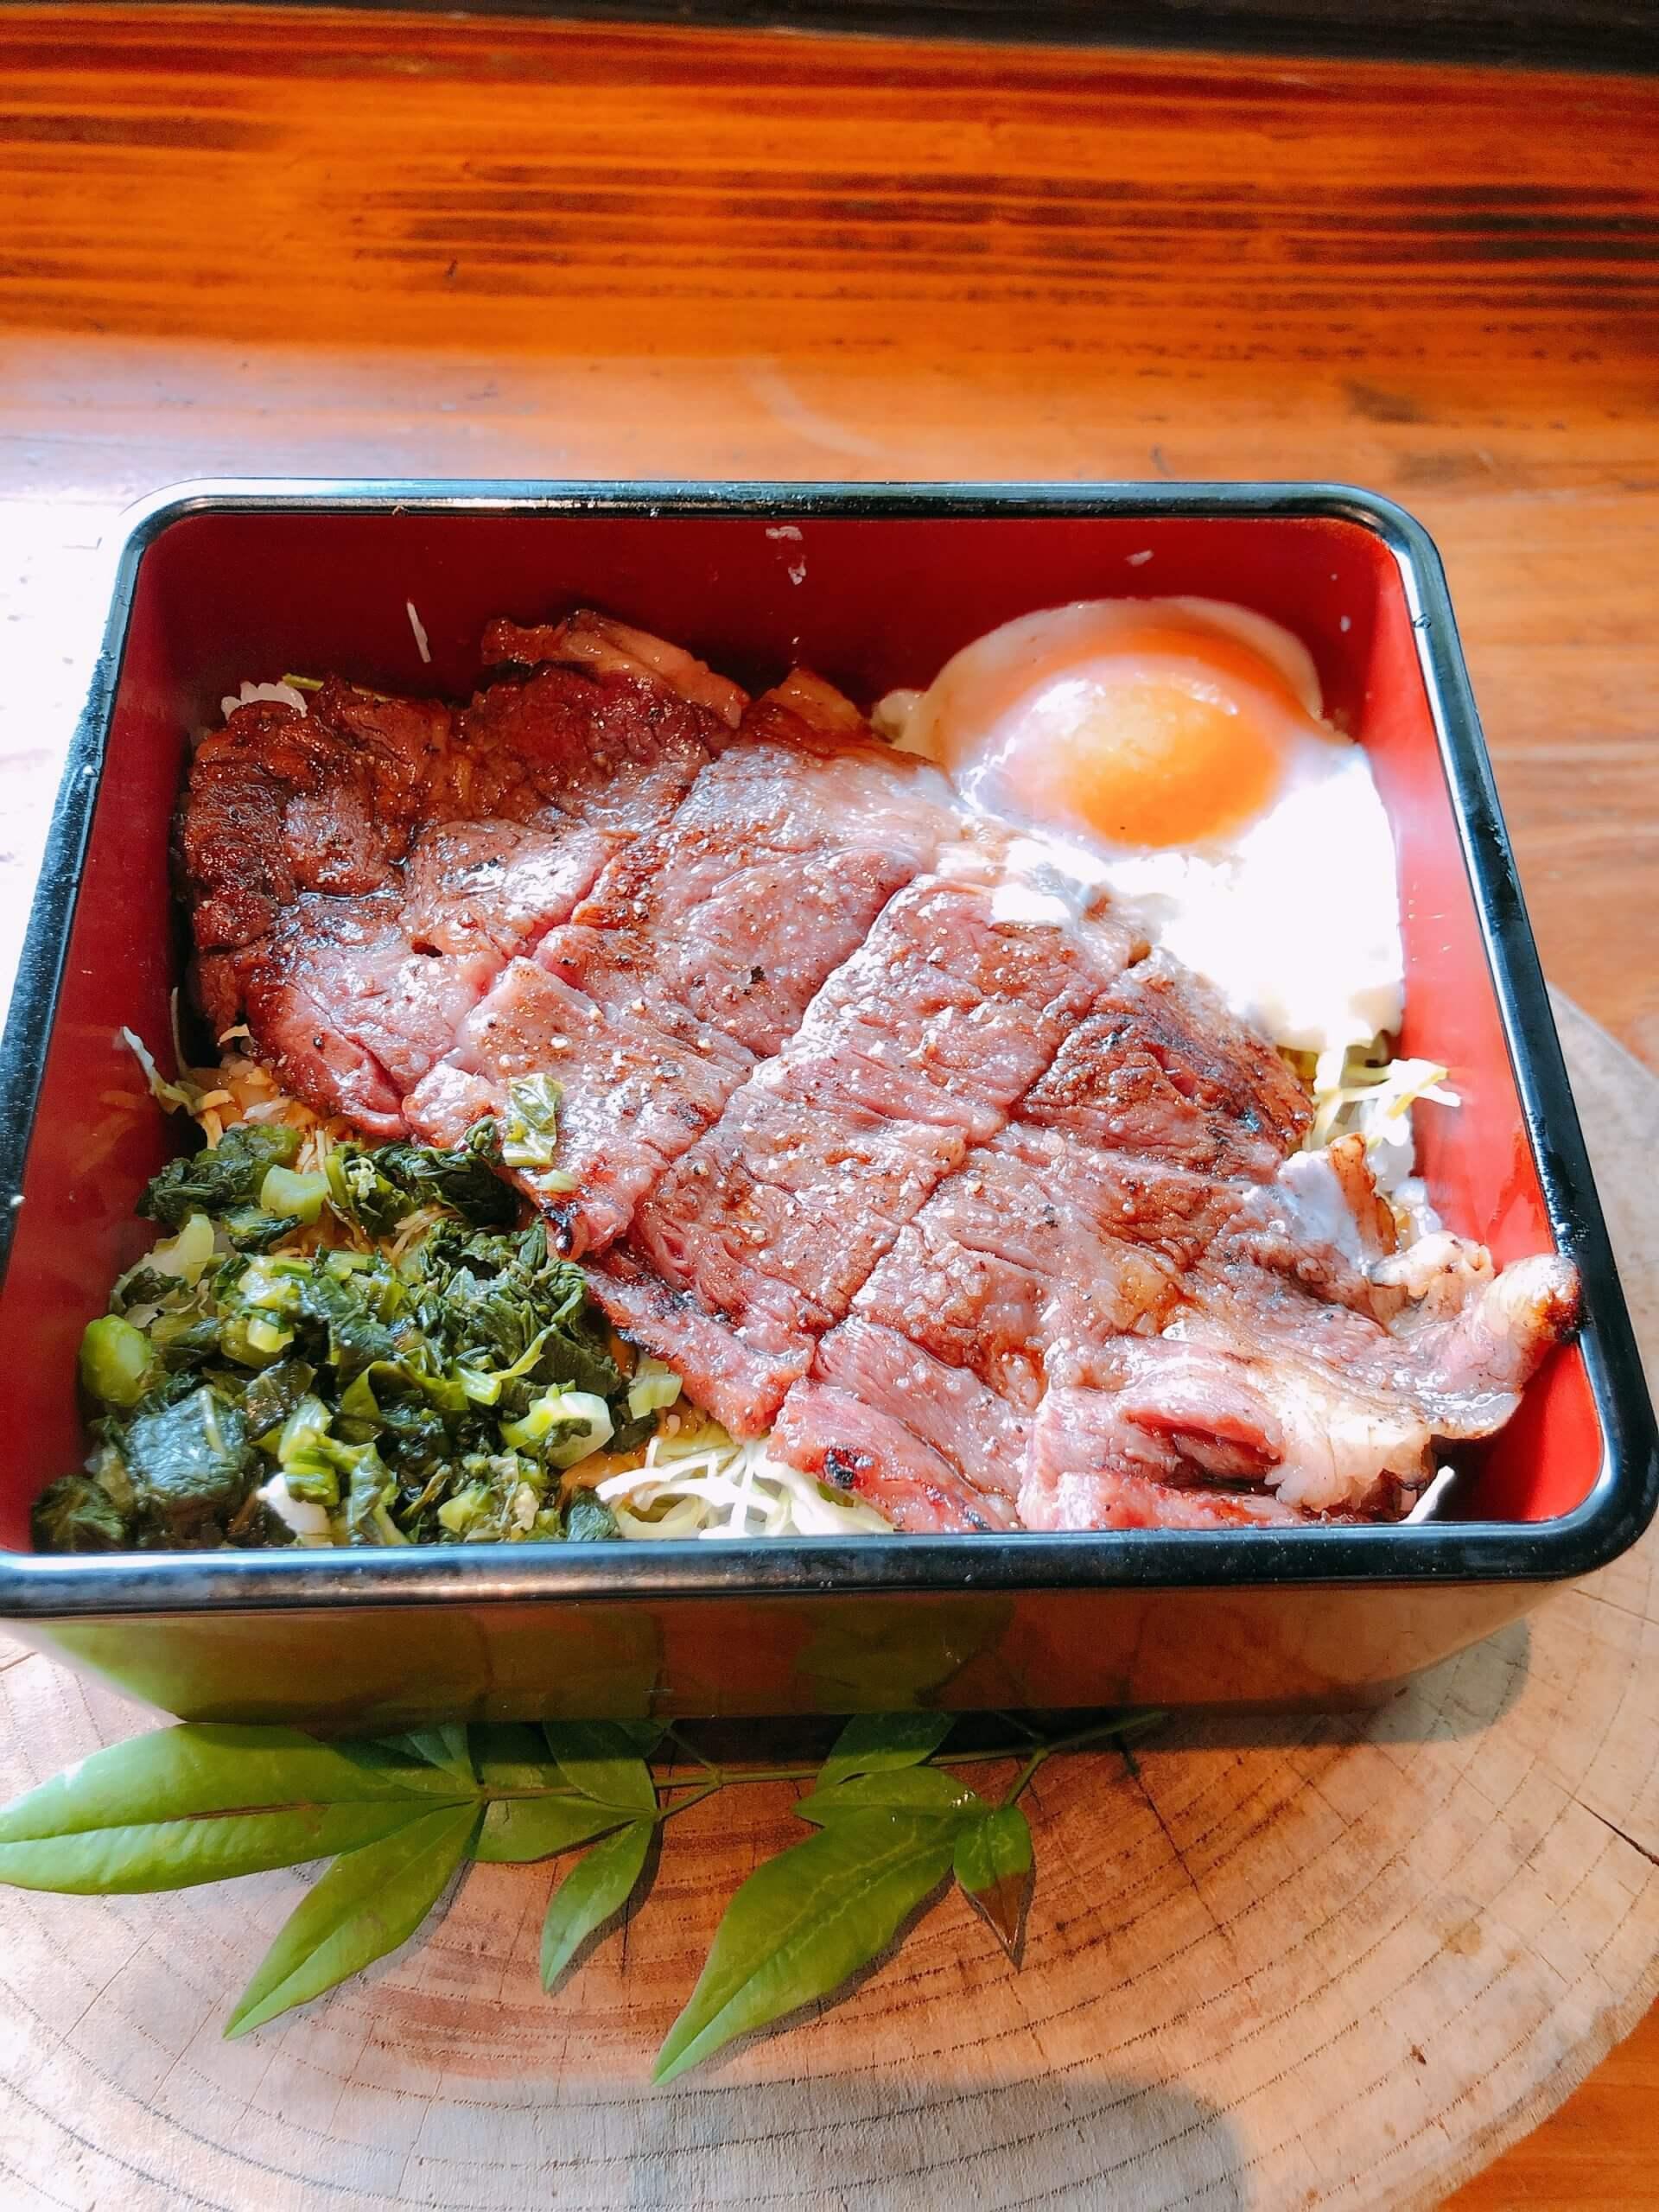 【隠れ茶房 茶蔵カフェ 阿蘇店】阿蘇の景観とこだわりの料理が楽しめるカフェ《熊本県阿蘇市蔵原》